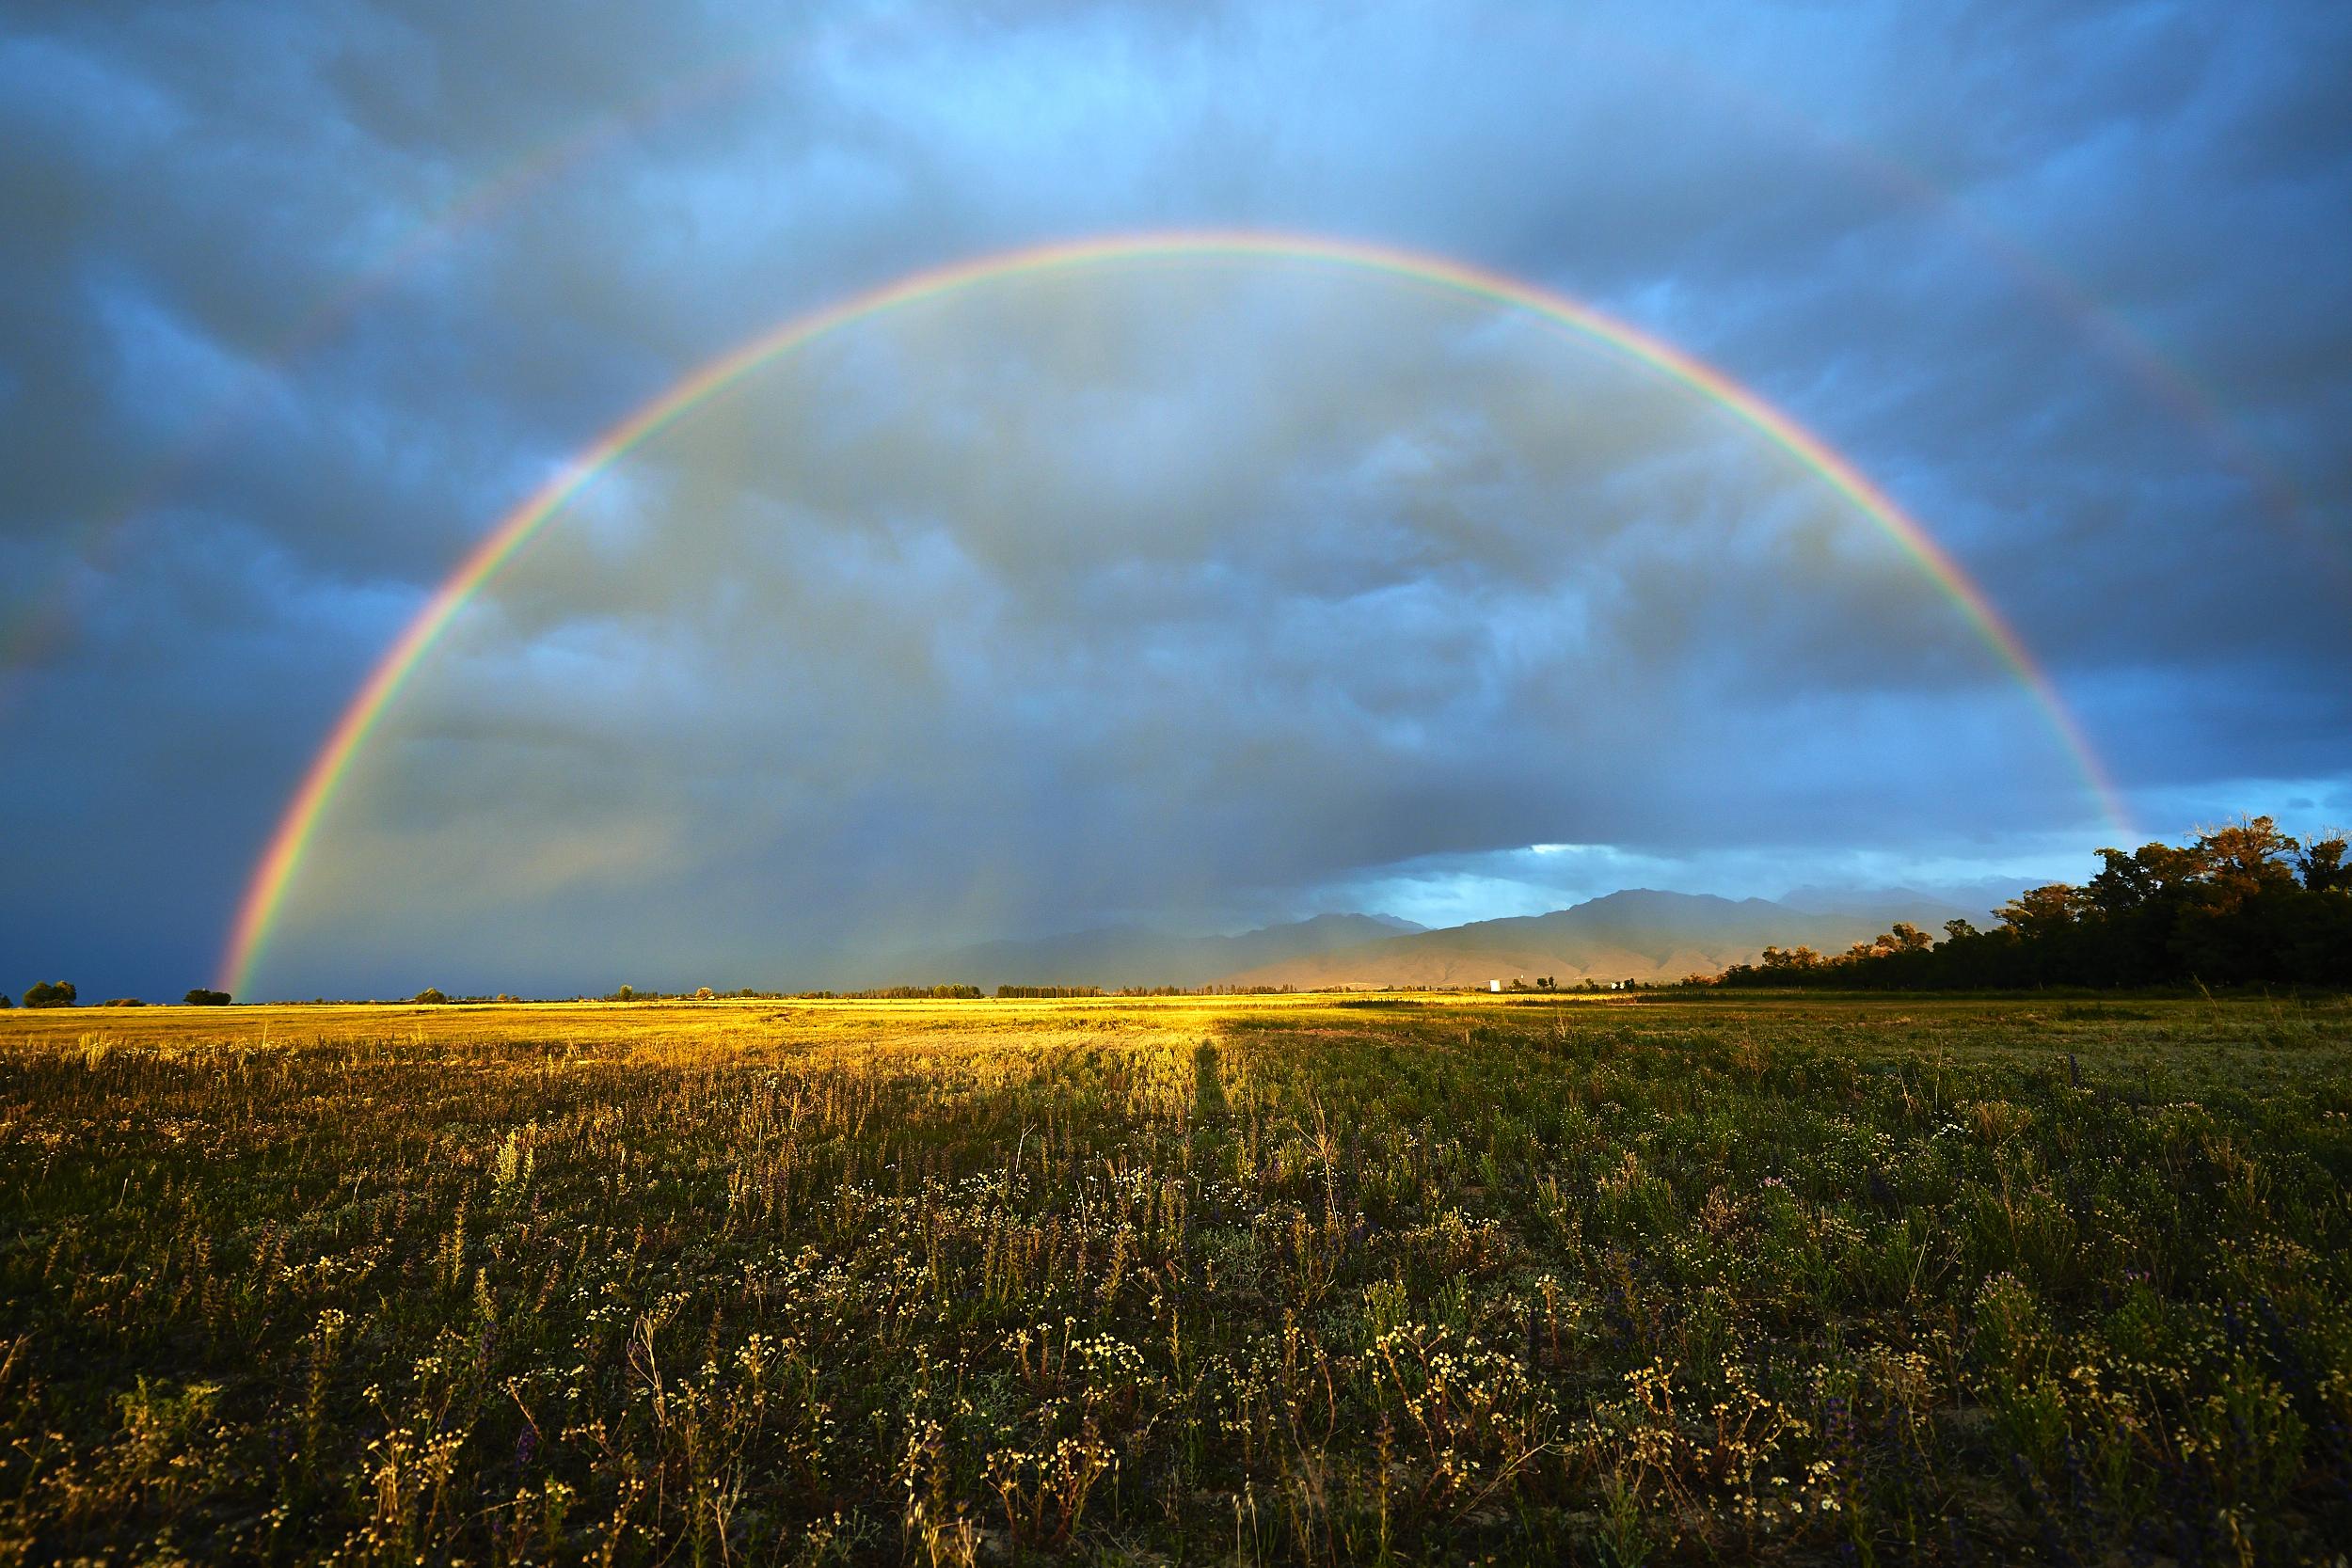 качественная фото радуги после дождя одну